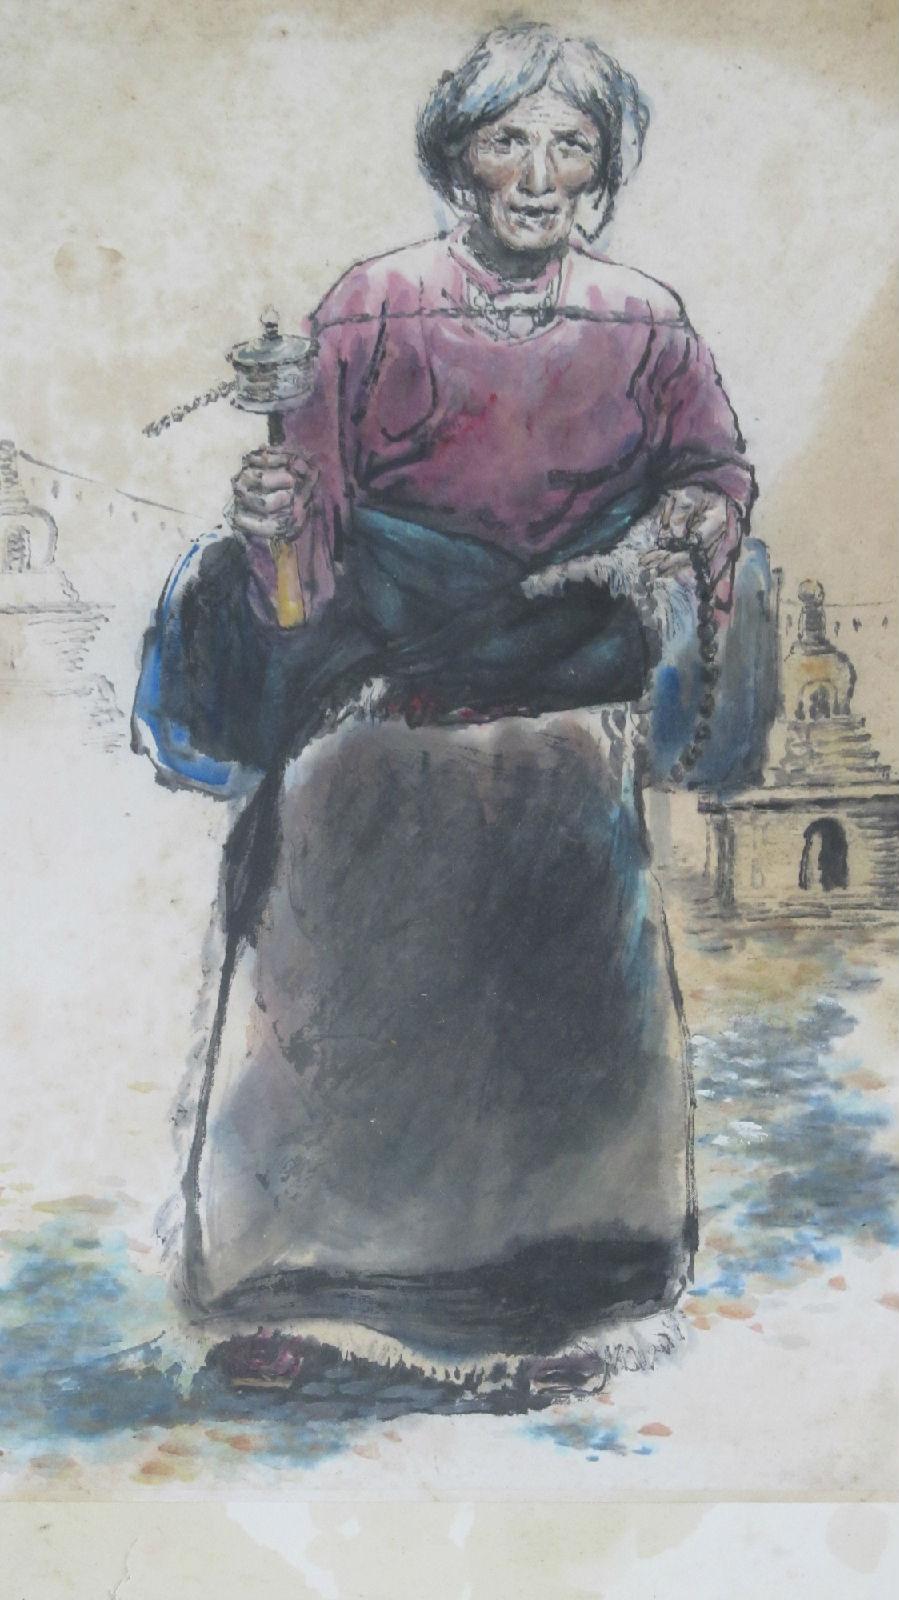 藏族老阿妈 和亭画廊的空间 百度空间